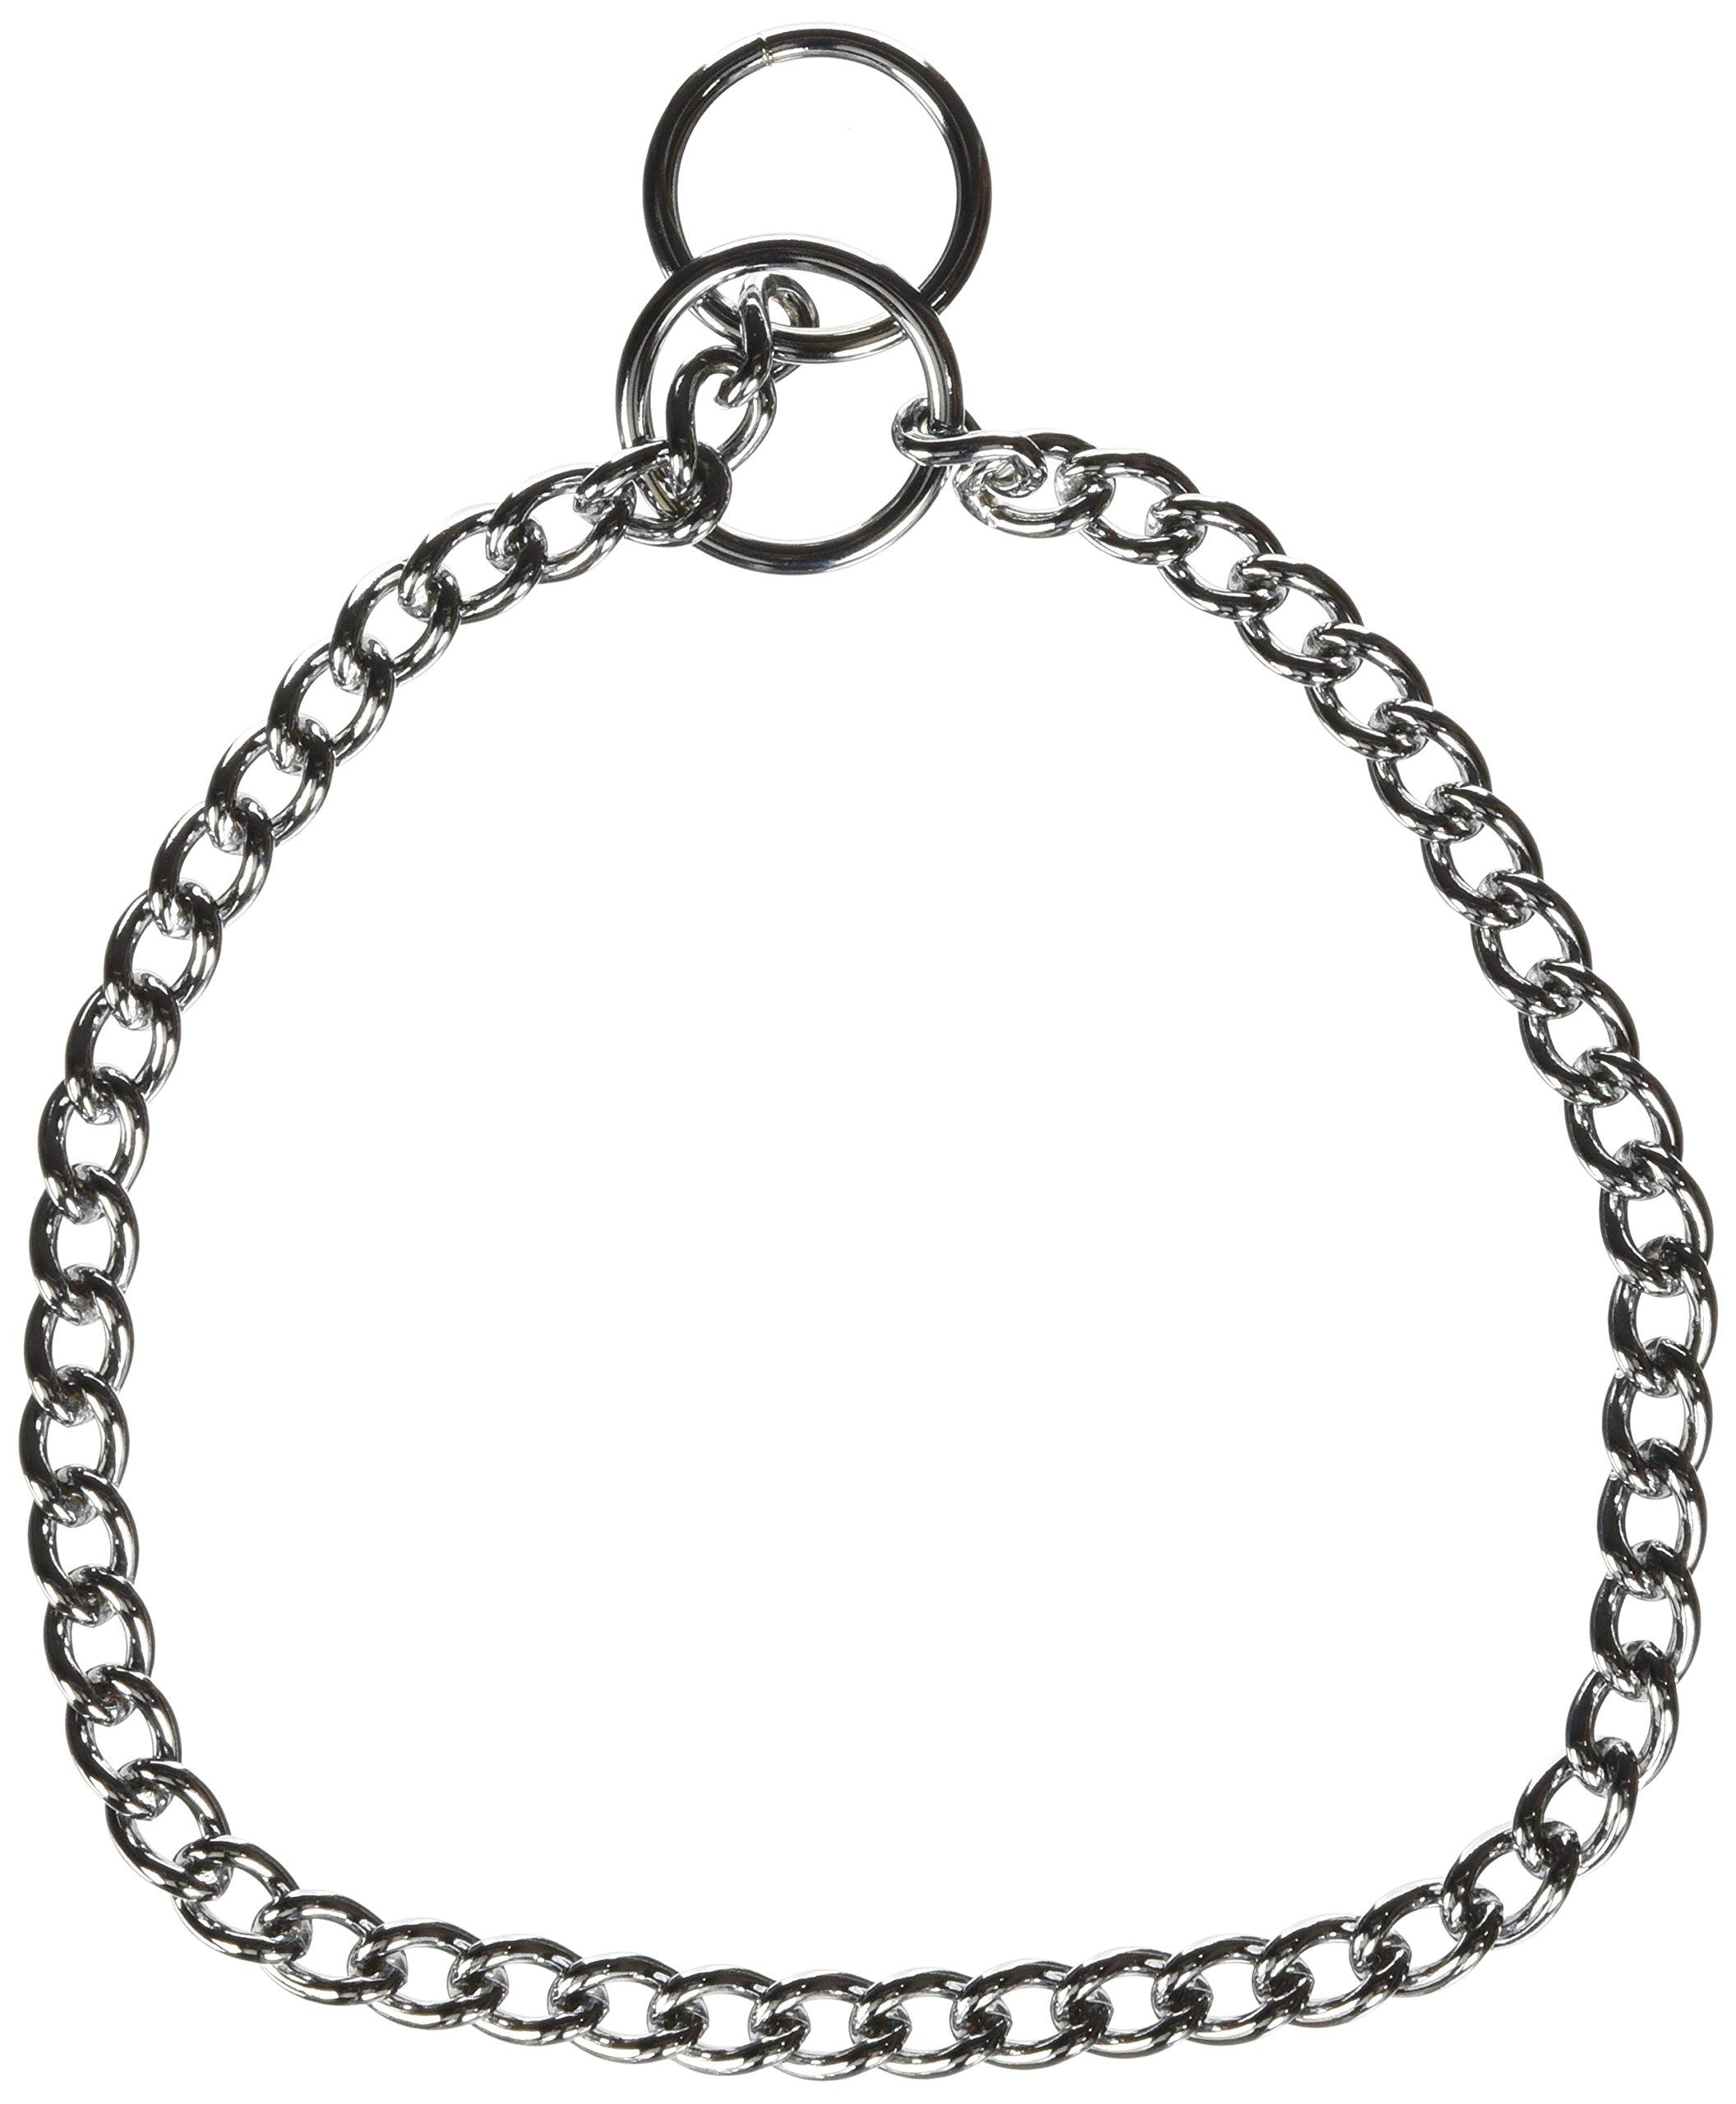 hamilton choke chain dog collar  18